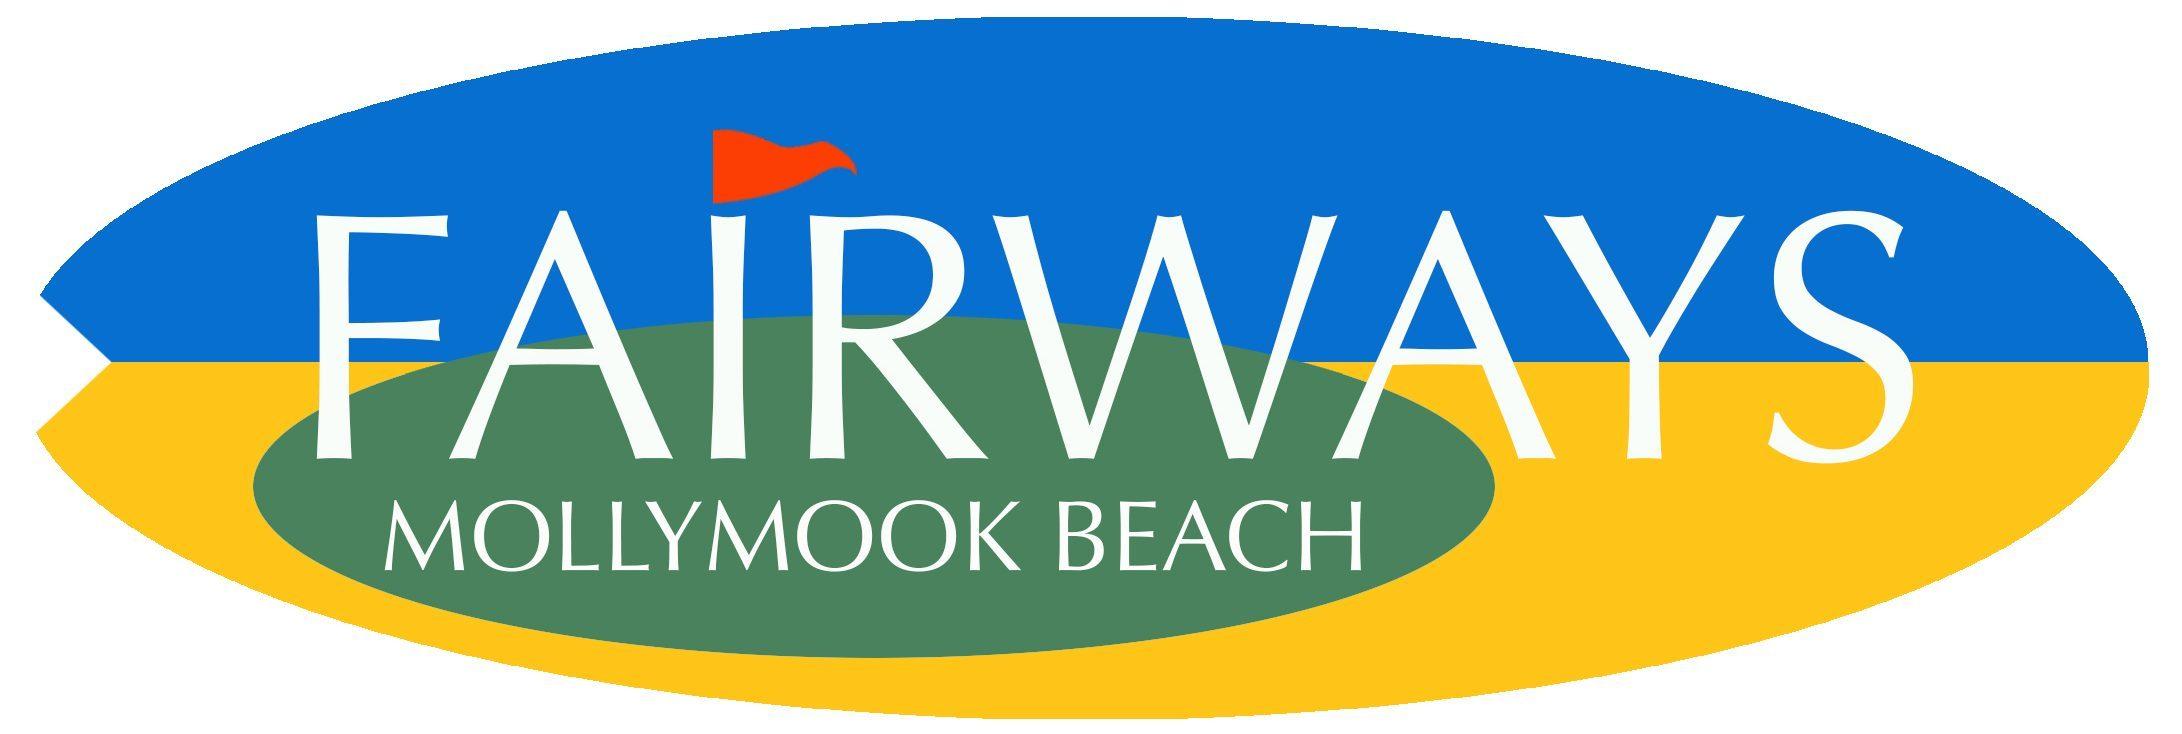 FAIRWAYS MOLLYMOOK BEACH